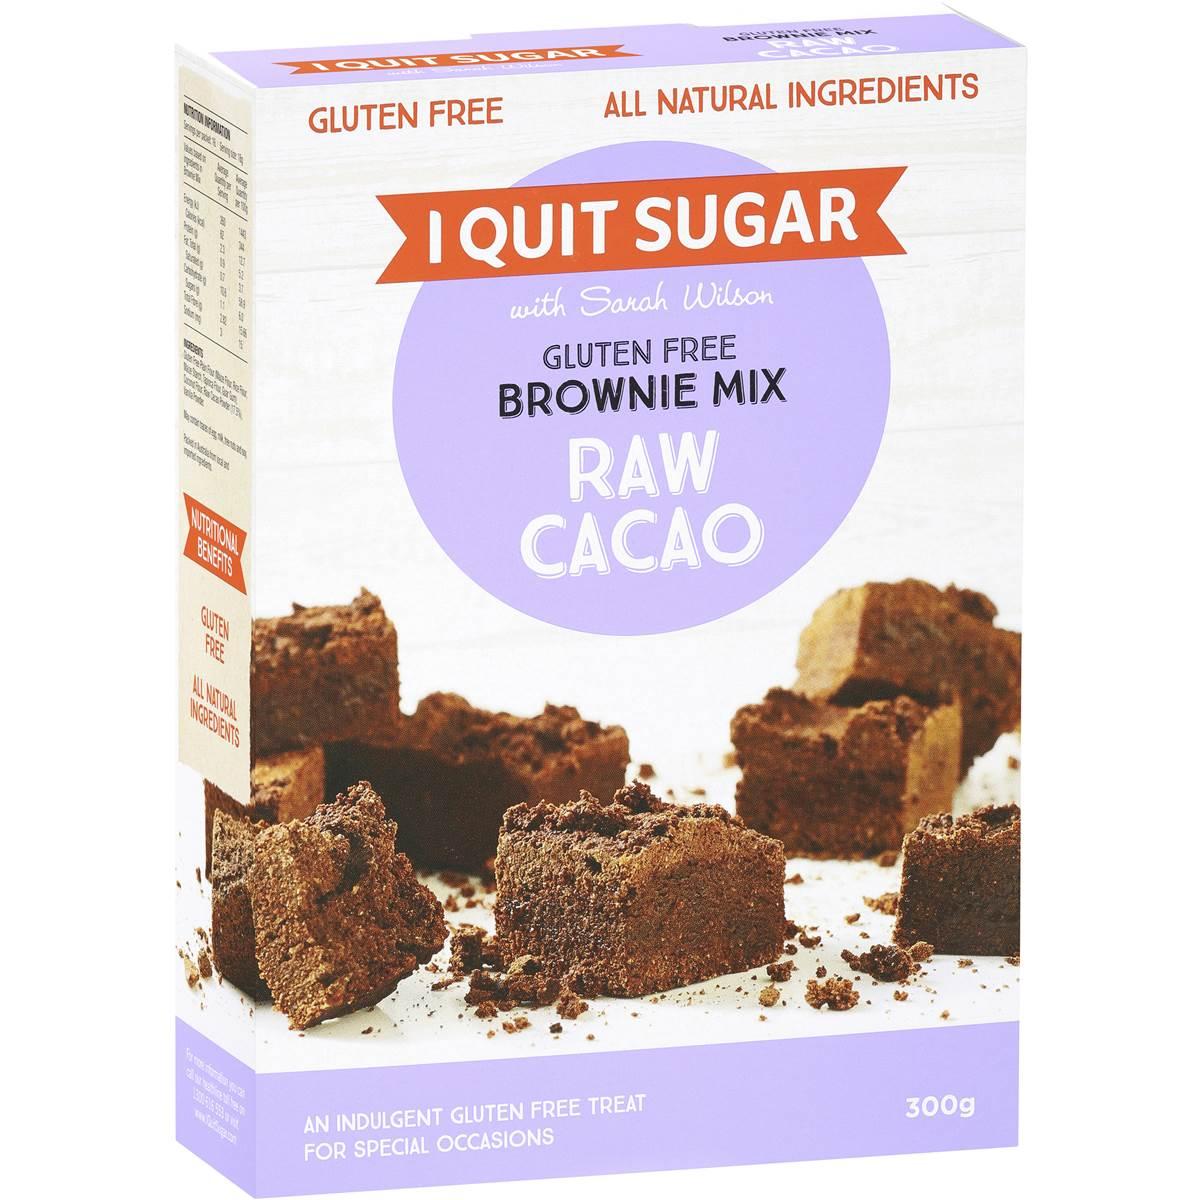 I Quit Sugar mix